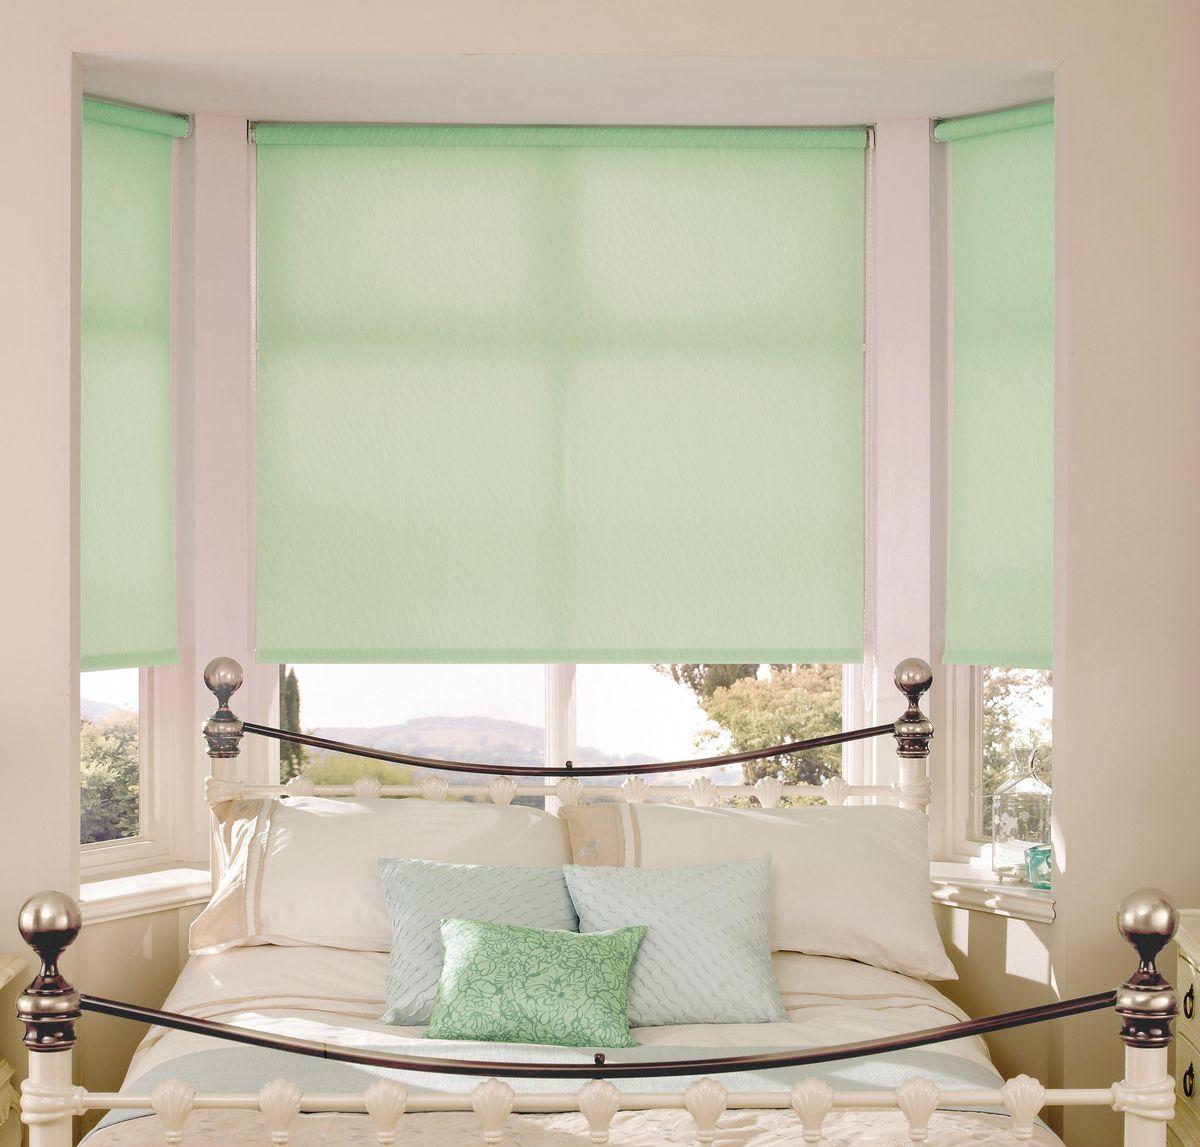 Штора рулонная Эскар, цвет: светло-зеленый, ширина 80 см, высота 170 см81017080170Рулонными шторами можно оформлять окна как самостоятельно, так и использовать в комбинации с портьерами. Это поможет предотвратить выгорание дорогой ткани на солнце и соединит функционал рулонных с красотой навесных.Преимущества применения рулонных штор для пластиковых окон:- имеют прекрасный внешний вид: многообразие и фактурность материала изделия отлично смотрятся в любом интерьере; - многофункциональны: есть возможность подобрать шторы способные эффективно защитить комнату от солнца, при этом о на не будет слишком темной. - Есть возможность осуществить быстрый монтаж. ВНИМАНИЕ! Размеры ширины изделия указаны по ширине ткани!Во время эксплуатации не рекомендуется полностью разматывать рулон, чтобы не оторвать ткань от намоточного вала.В случае загрязнения поверхности ткани, чистку шторы проводят одним из способов, в зависимости от типа загрязнения: легкое поверхностное загрязнение можно удалить при помощи канцелярского ластика; чистка от пыли производится сухим методом при помощи пылесоса с мягкой щеткой-насадкой; для удаления пятна используйте мягкую губку с пенообразующим неагрессивным моющим средством или пятновыводитель на натуральной основе (нельзя применять растворители).